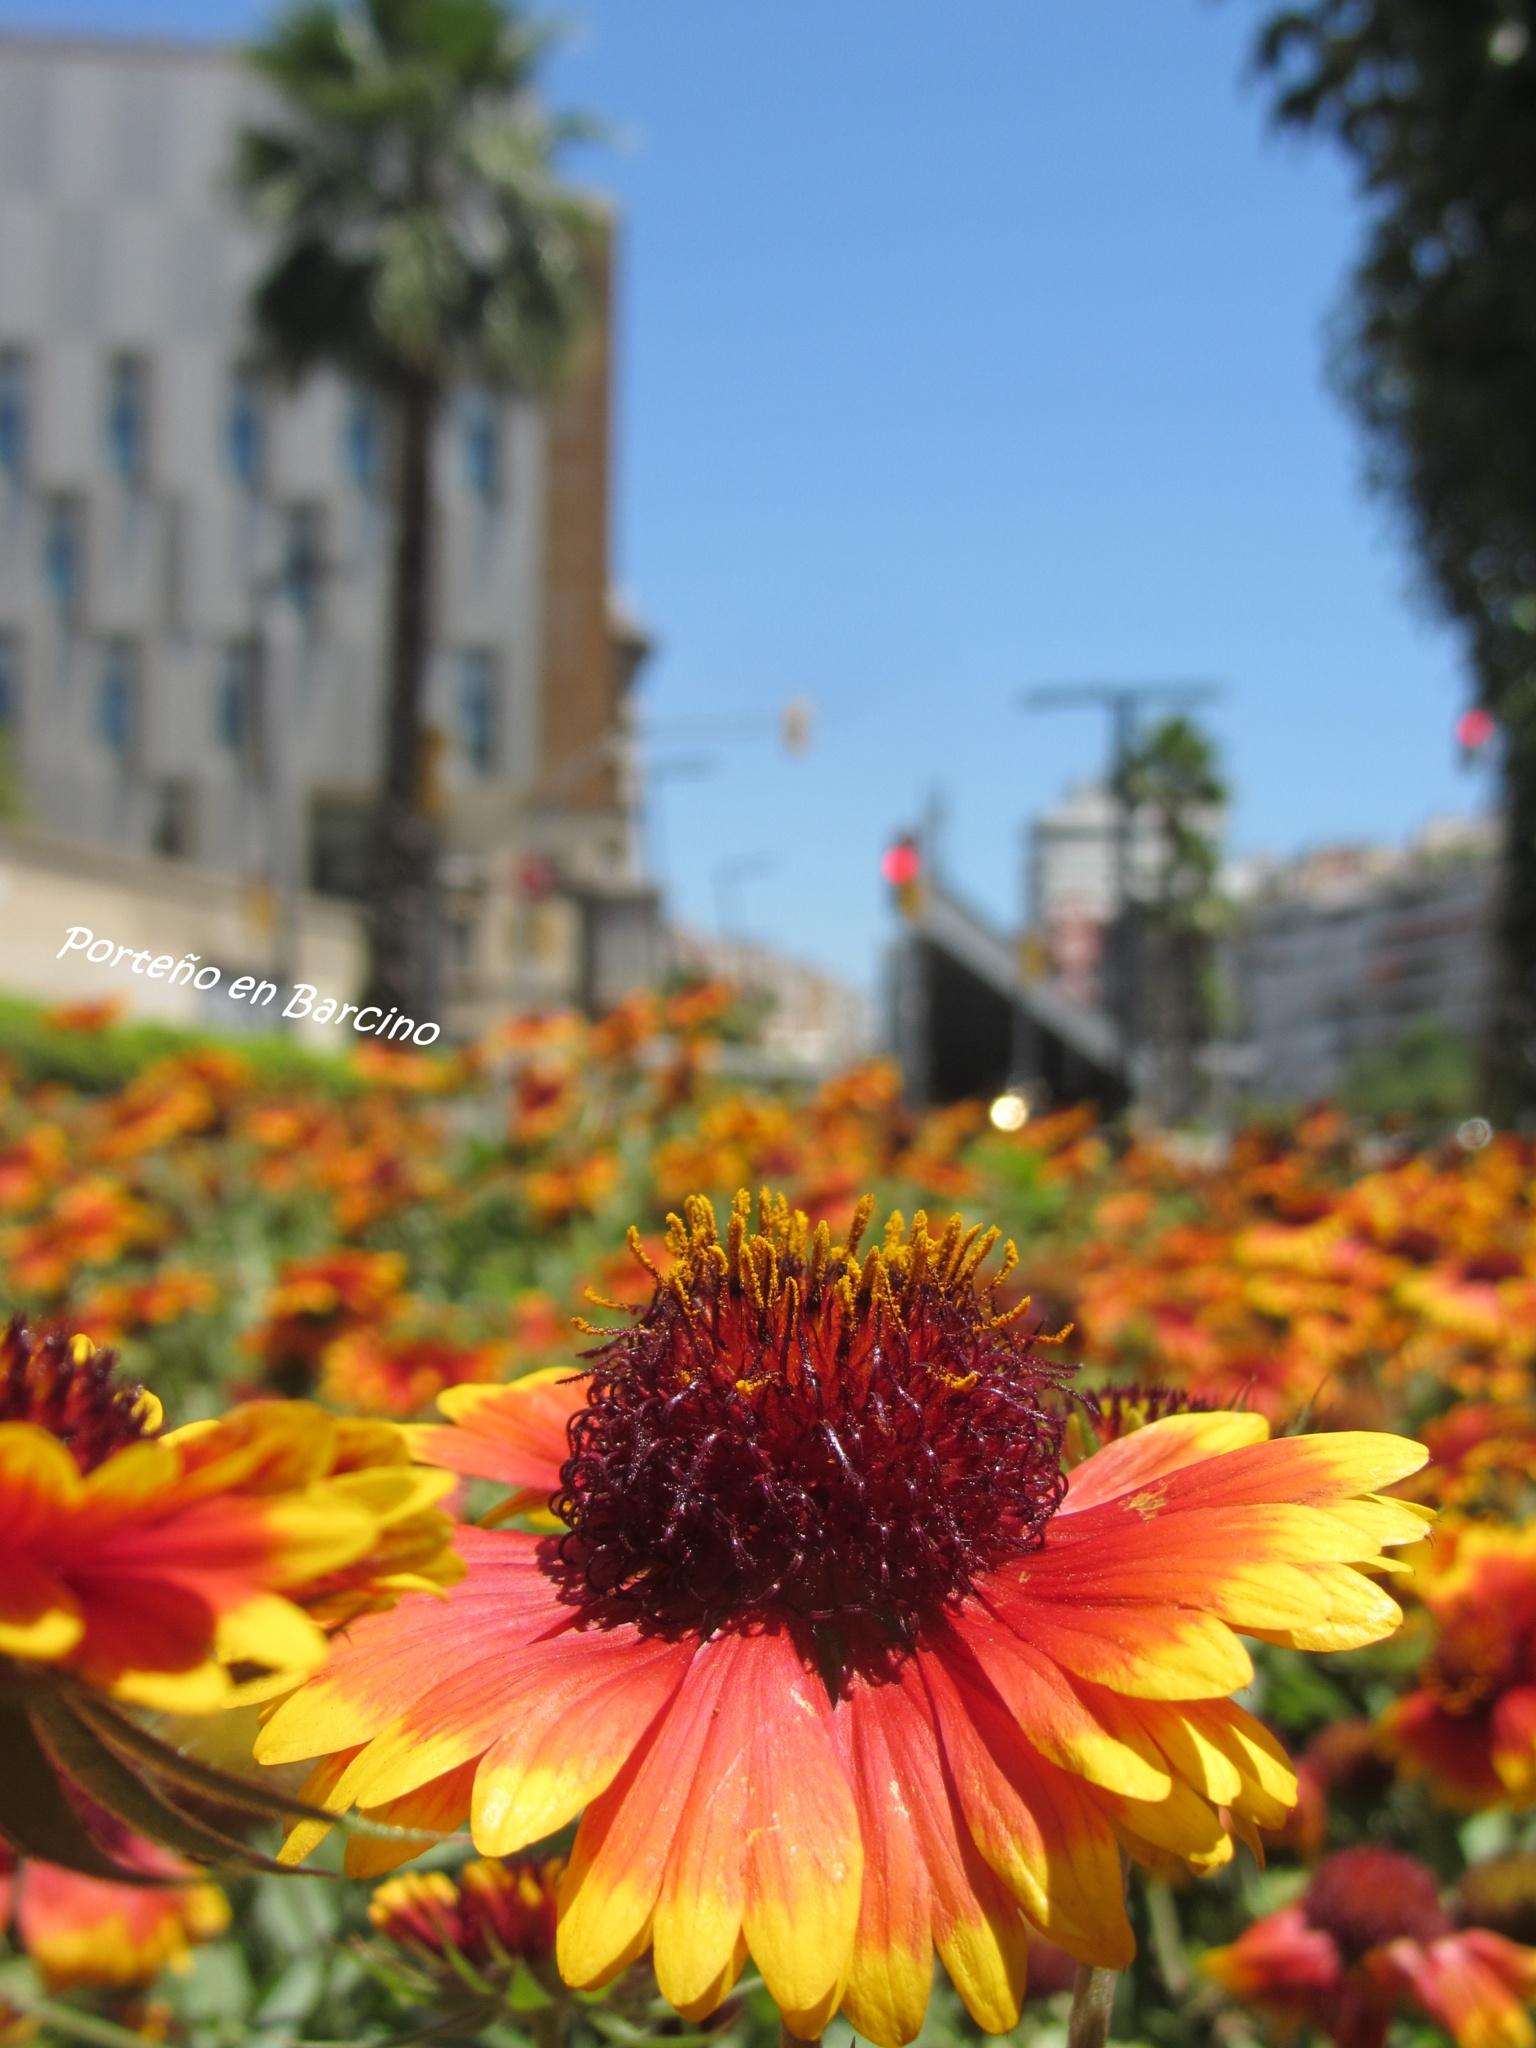 Flower power by PortenyoBarcino